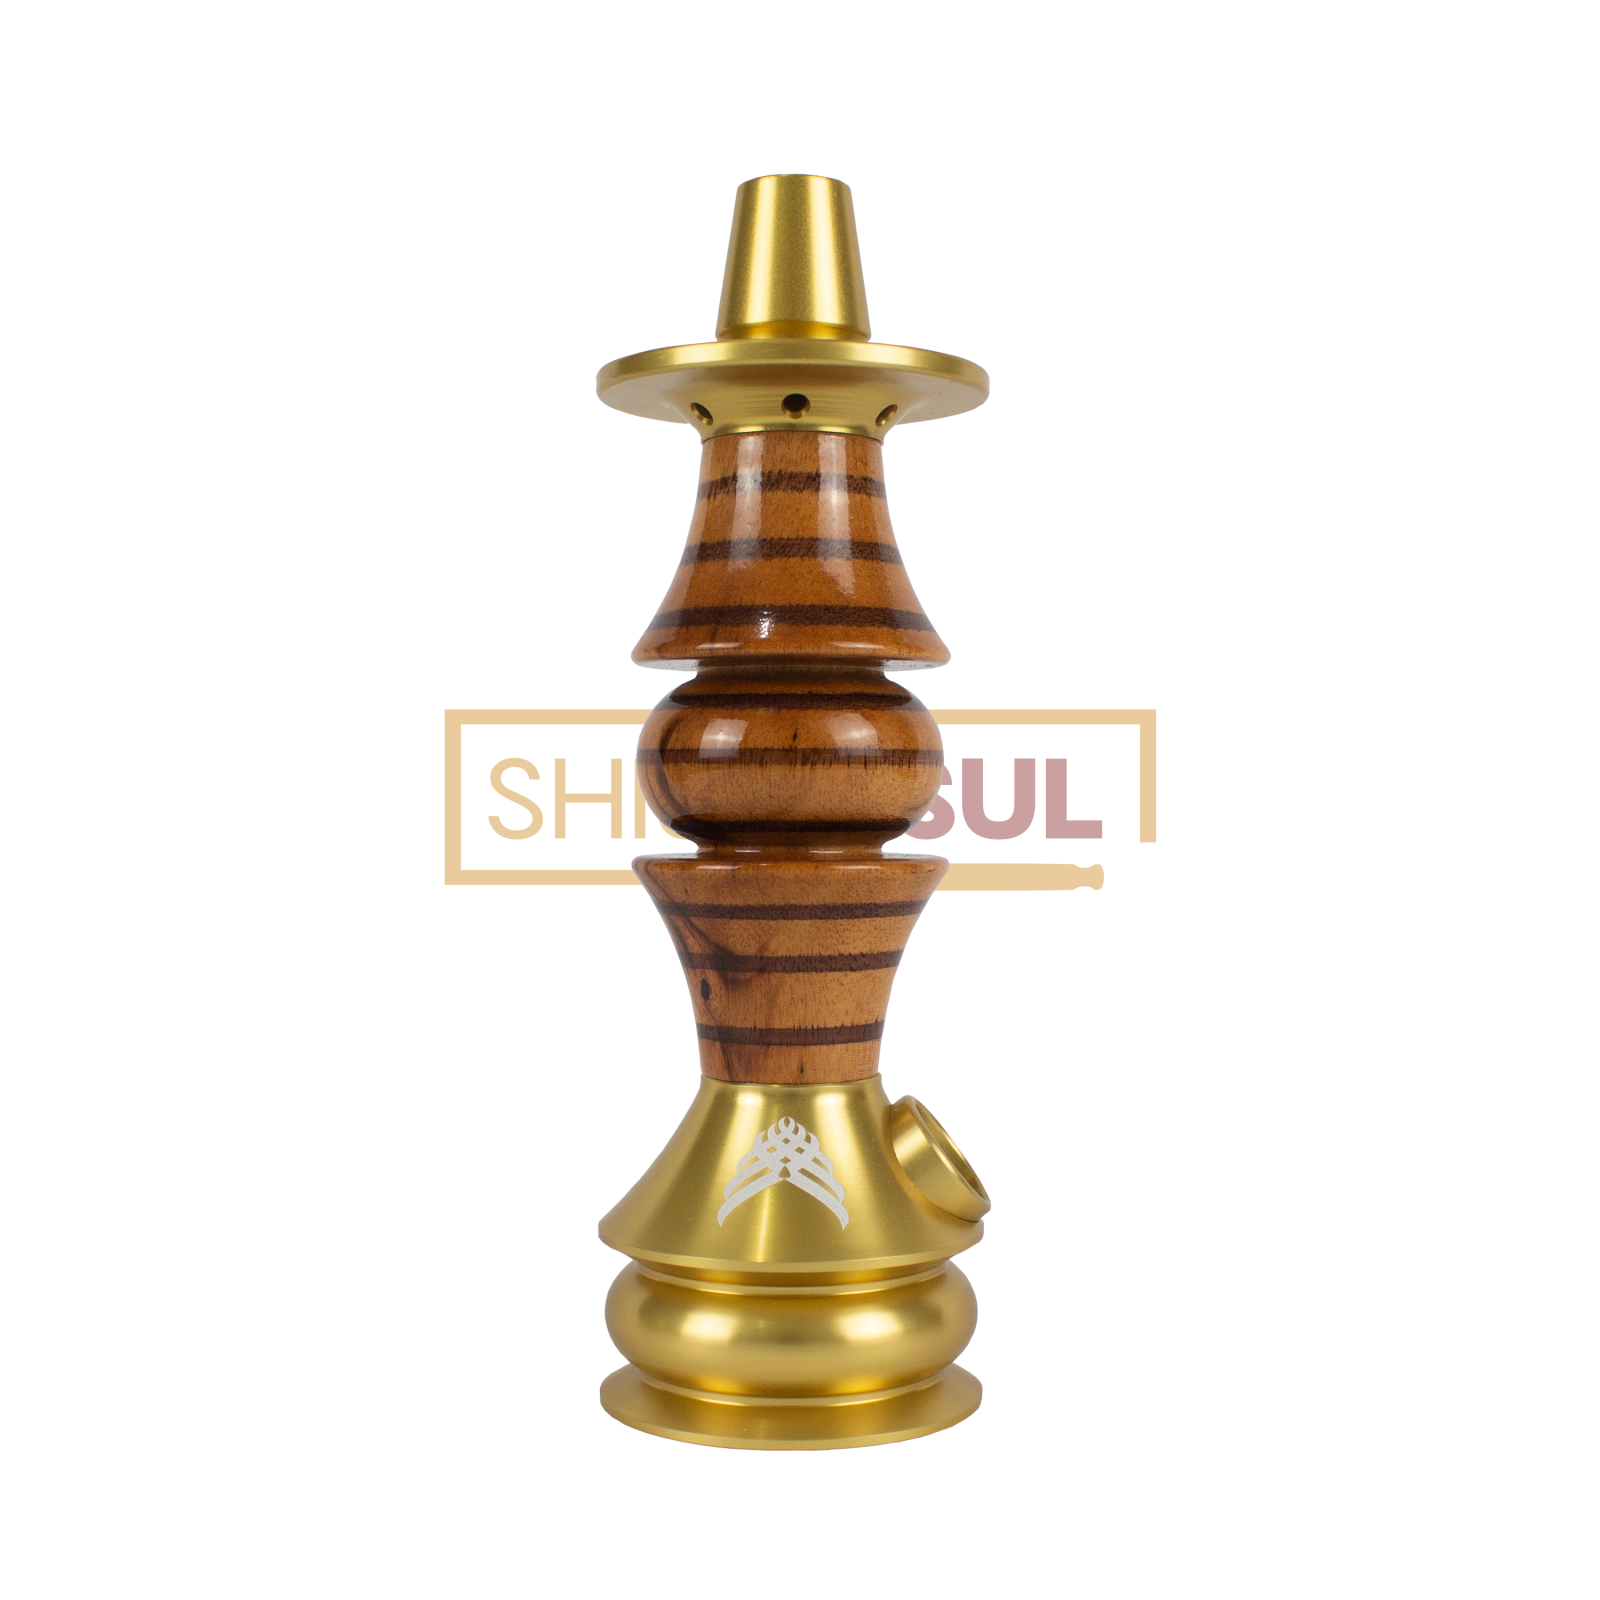 Stem / Narguile Marajah Umbrella Nano Dourado / Marrom Stripes